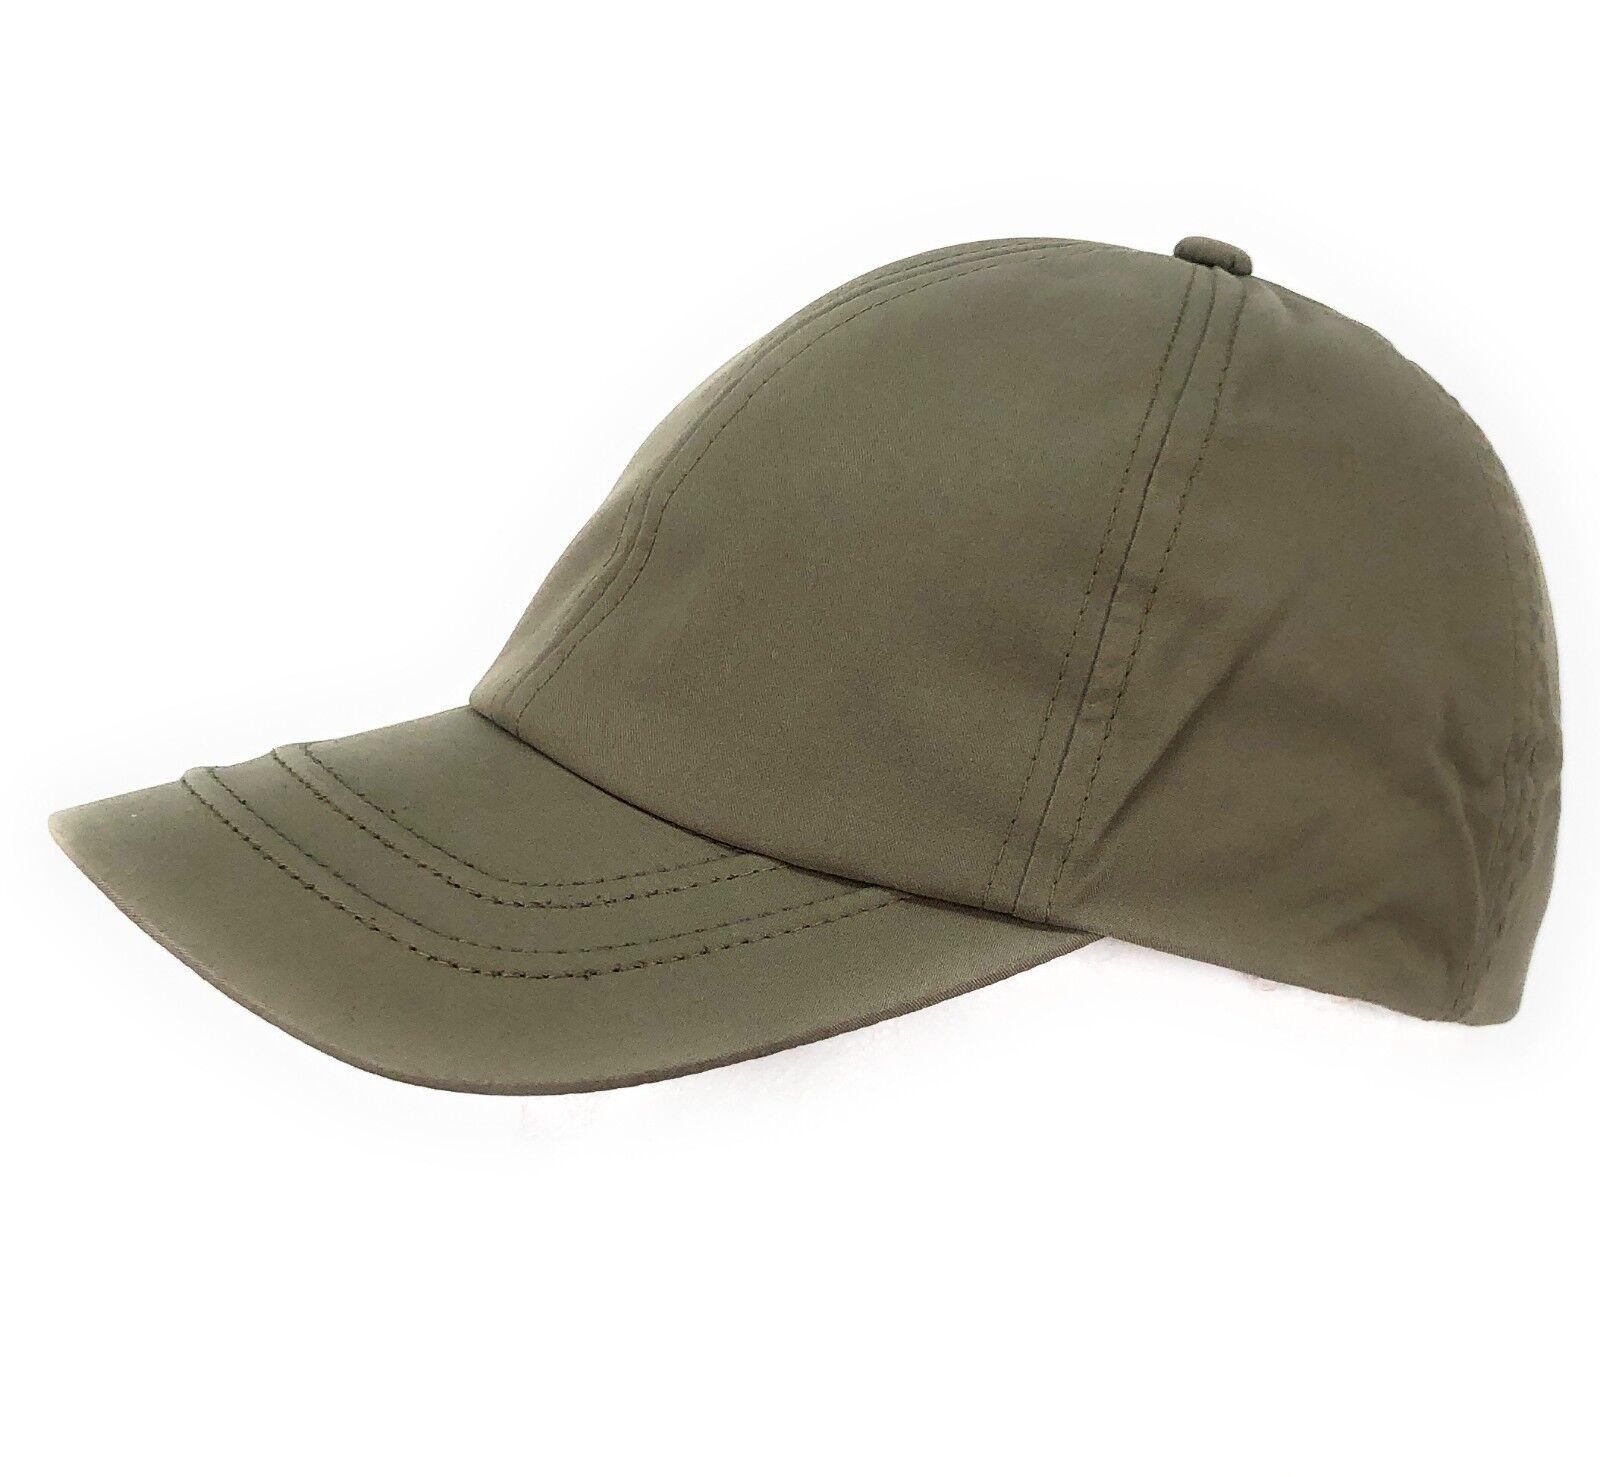 Basecap UV-Schutz 40 Cap Mütze Kappe Schildmütze Schirmmütze Baseballcap Sommer